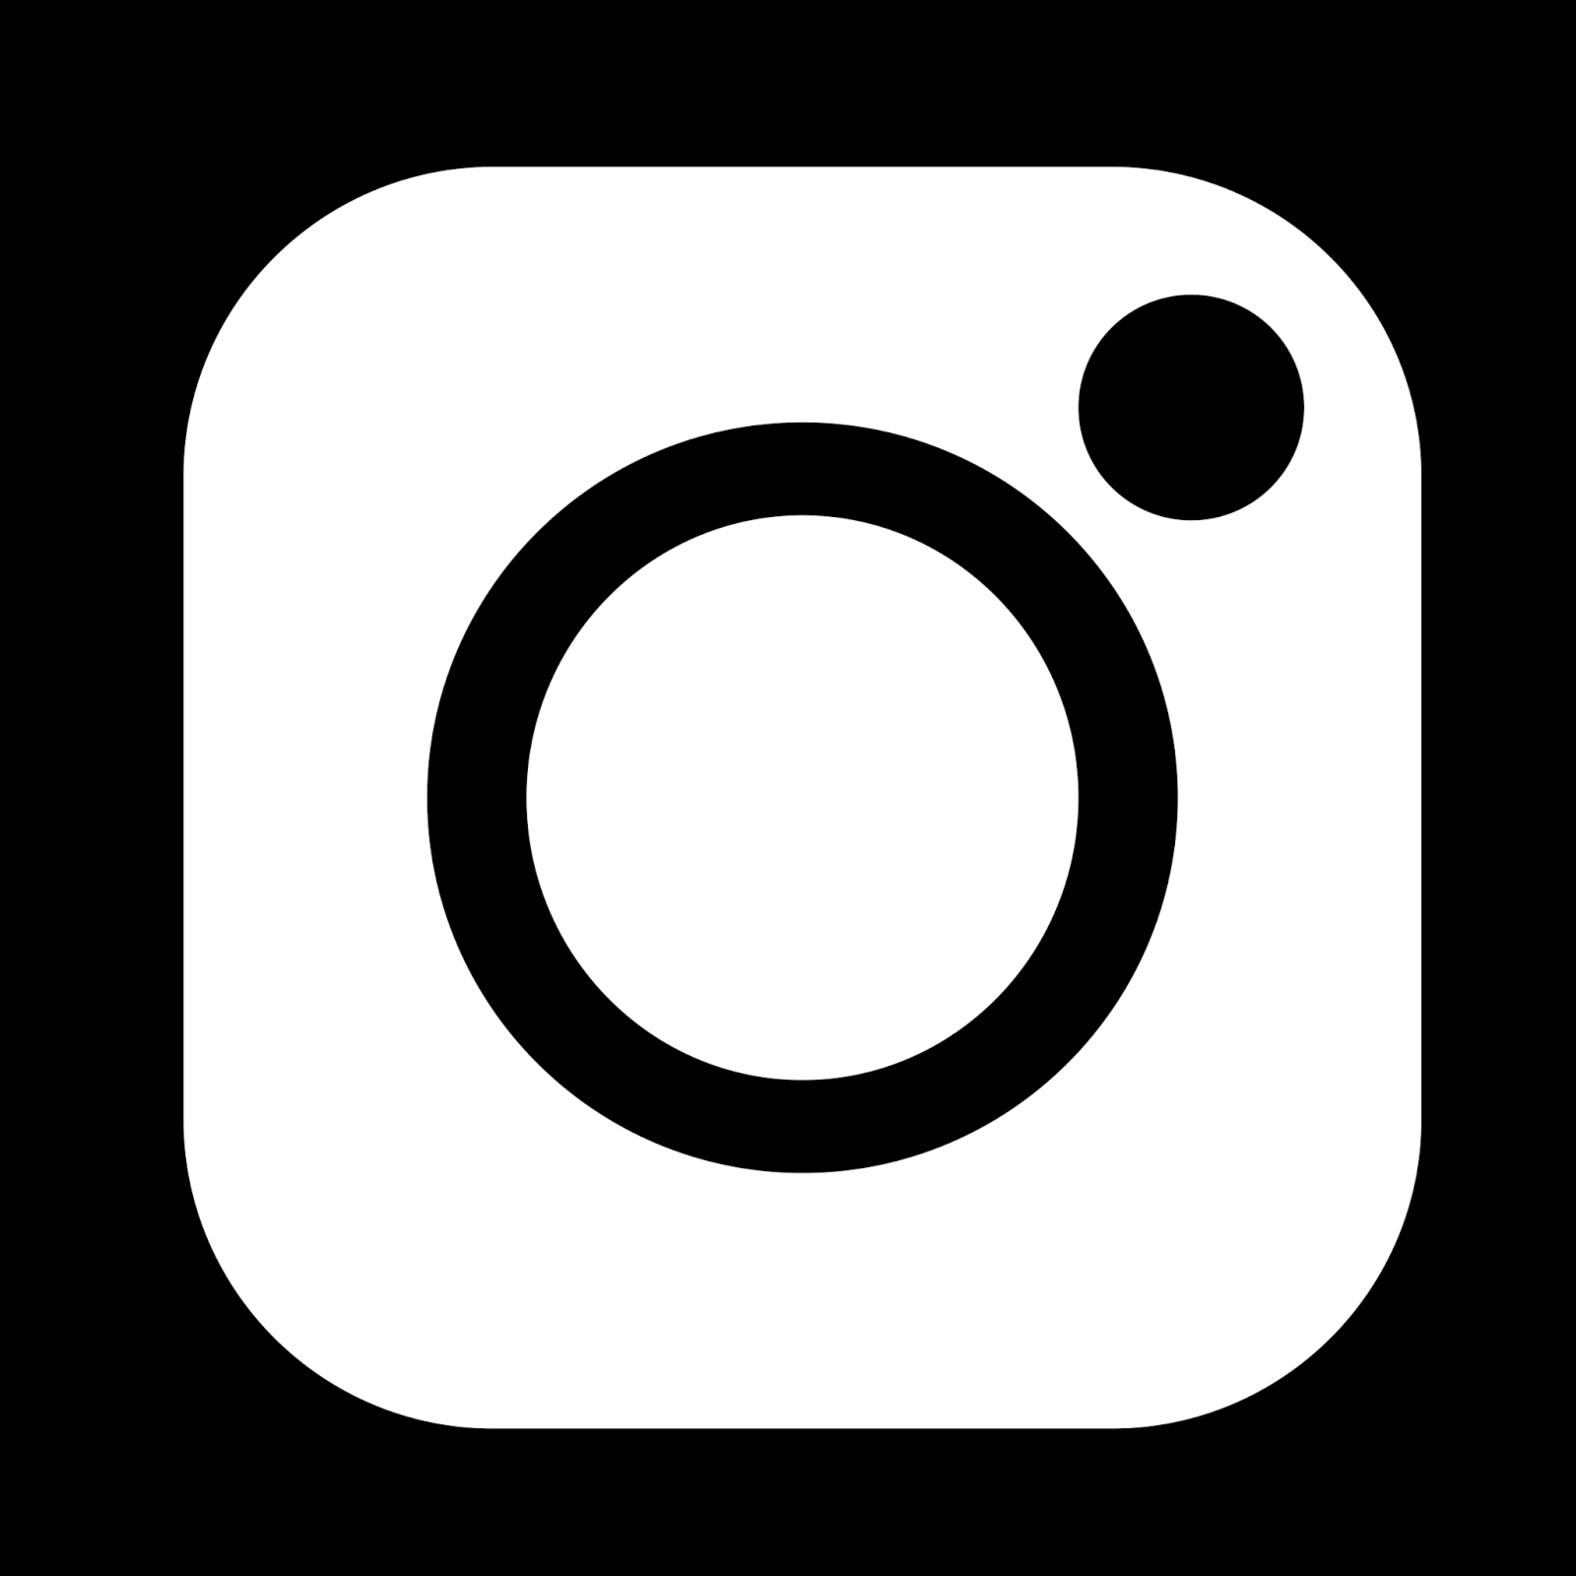 Instagram-logo-black-borders-png-transparent-background.png